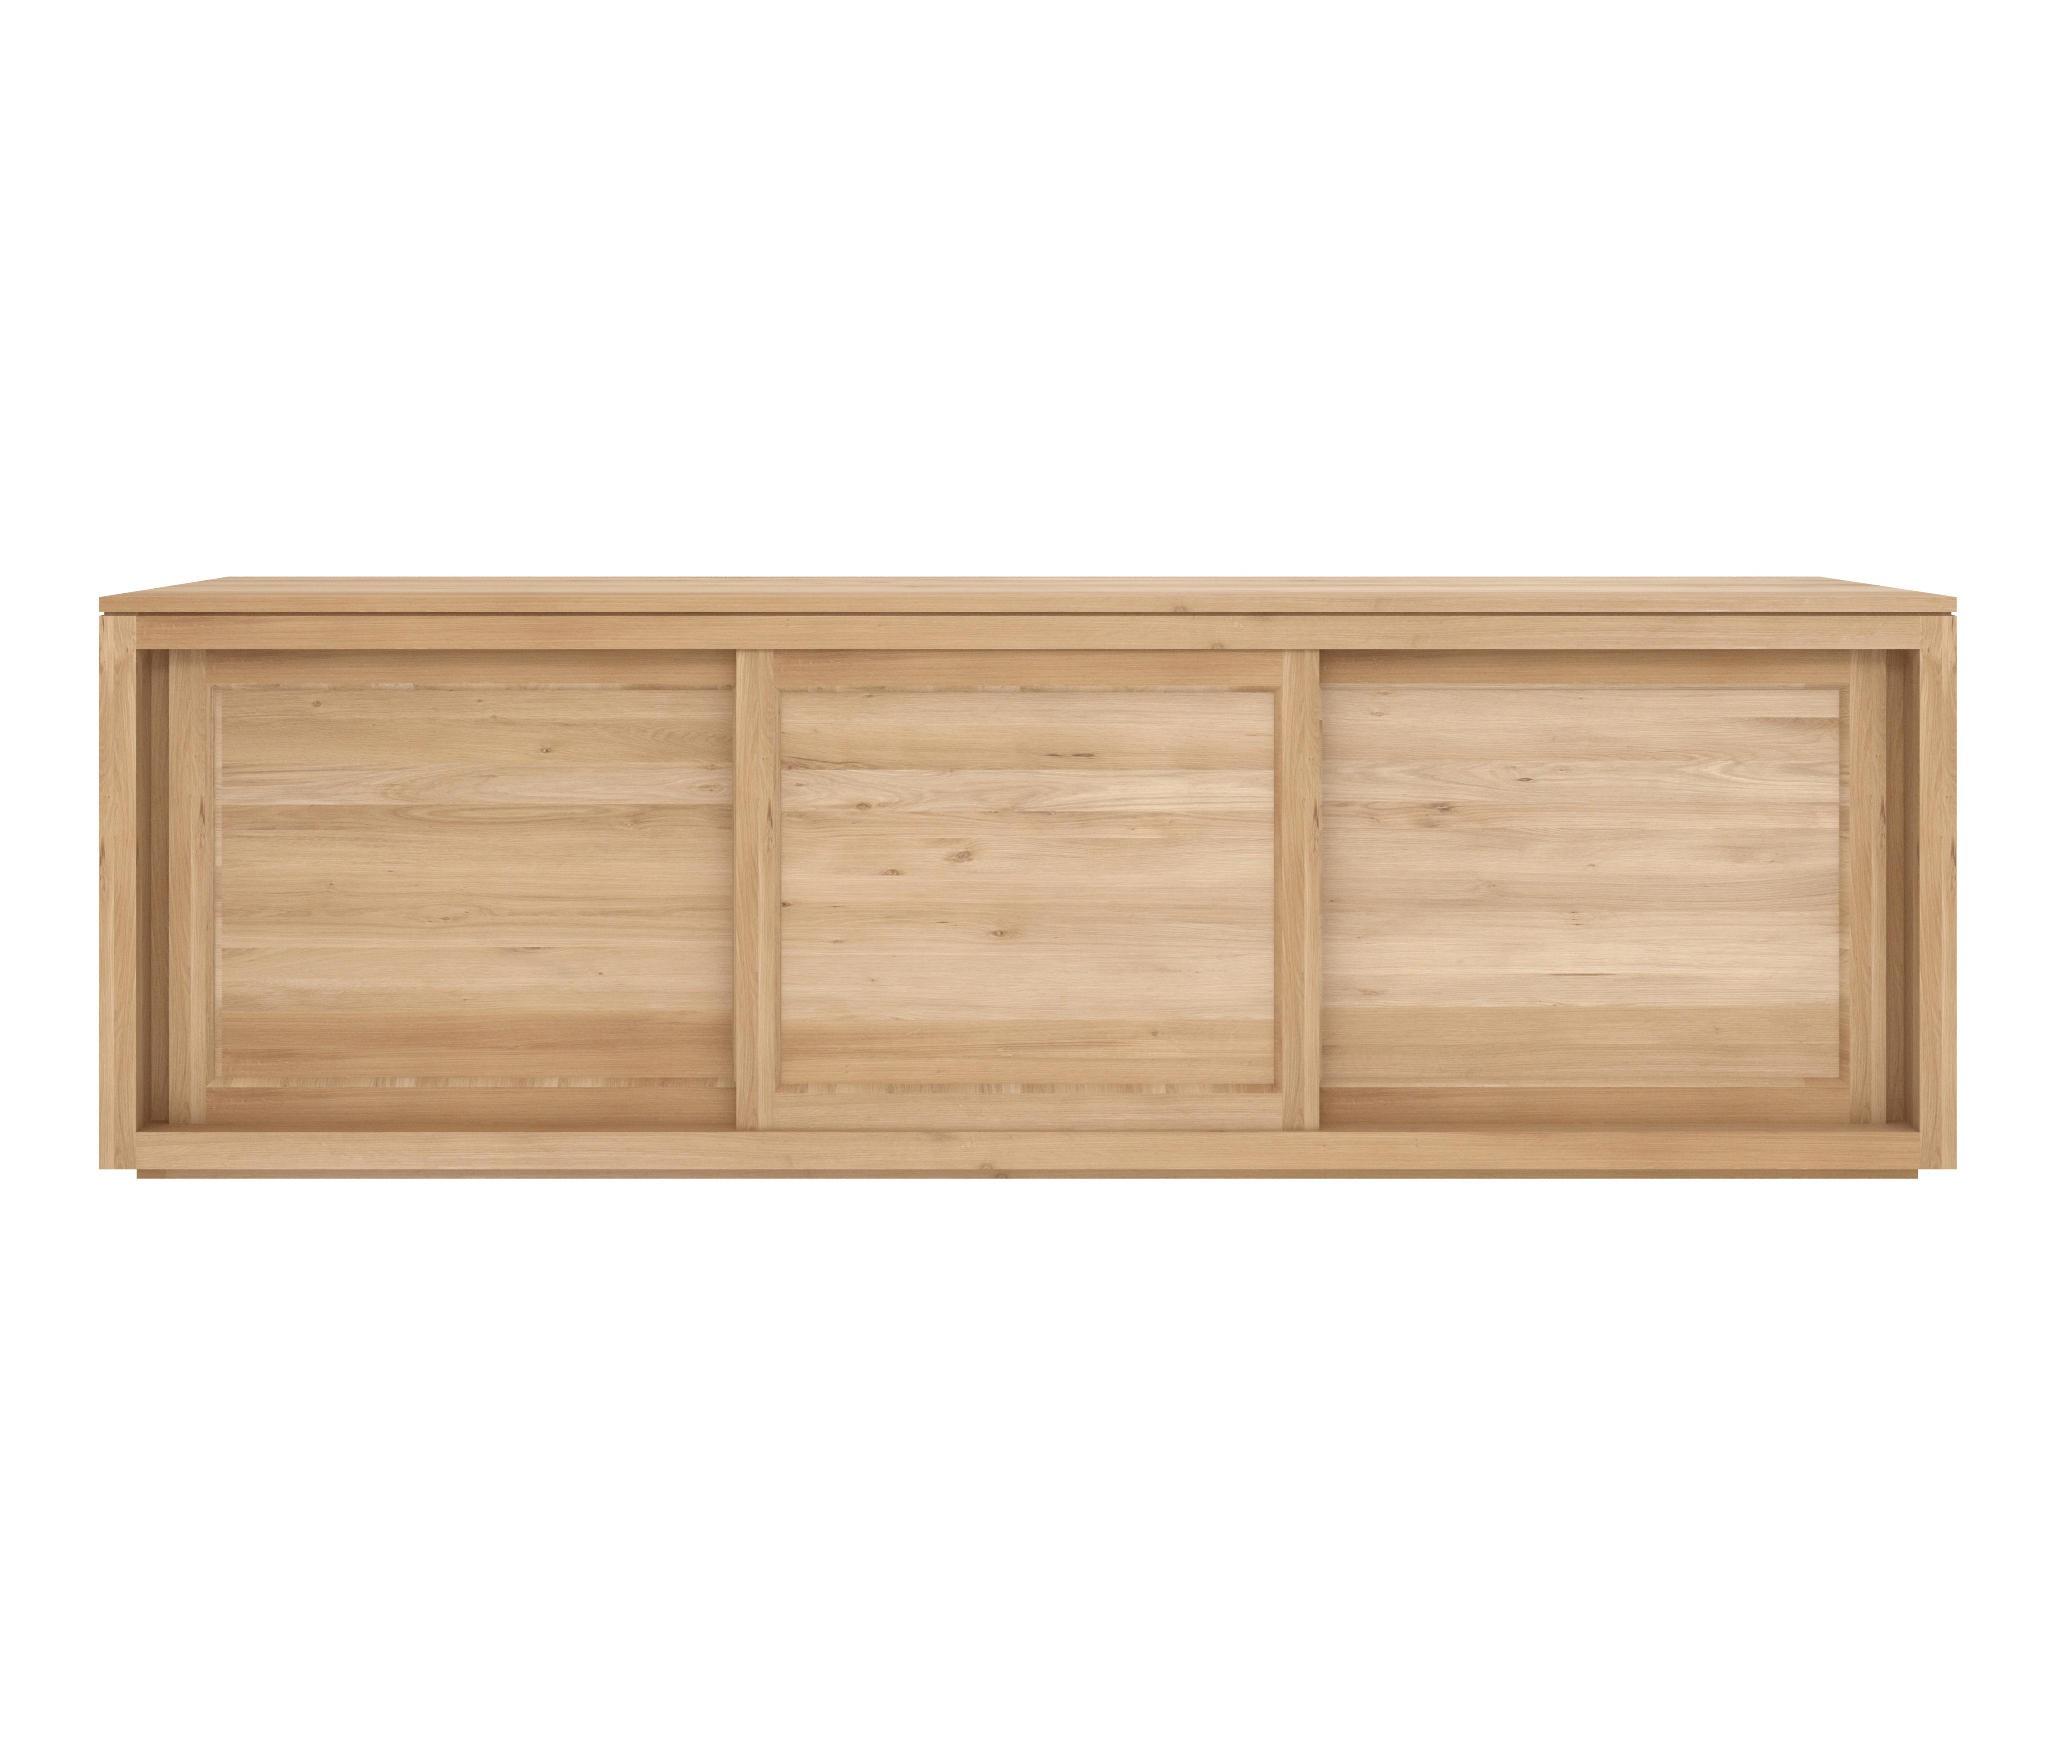 Ethnicraft oak pure sideboard 200 cm 3 sliding doors for Sideboard 250 cm